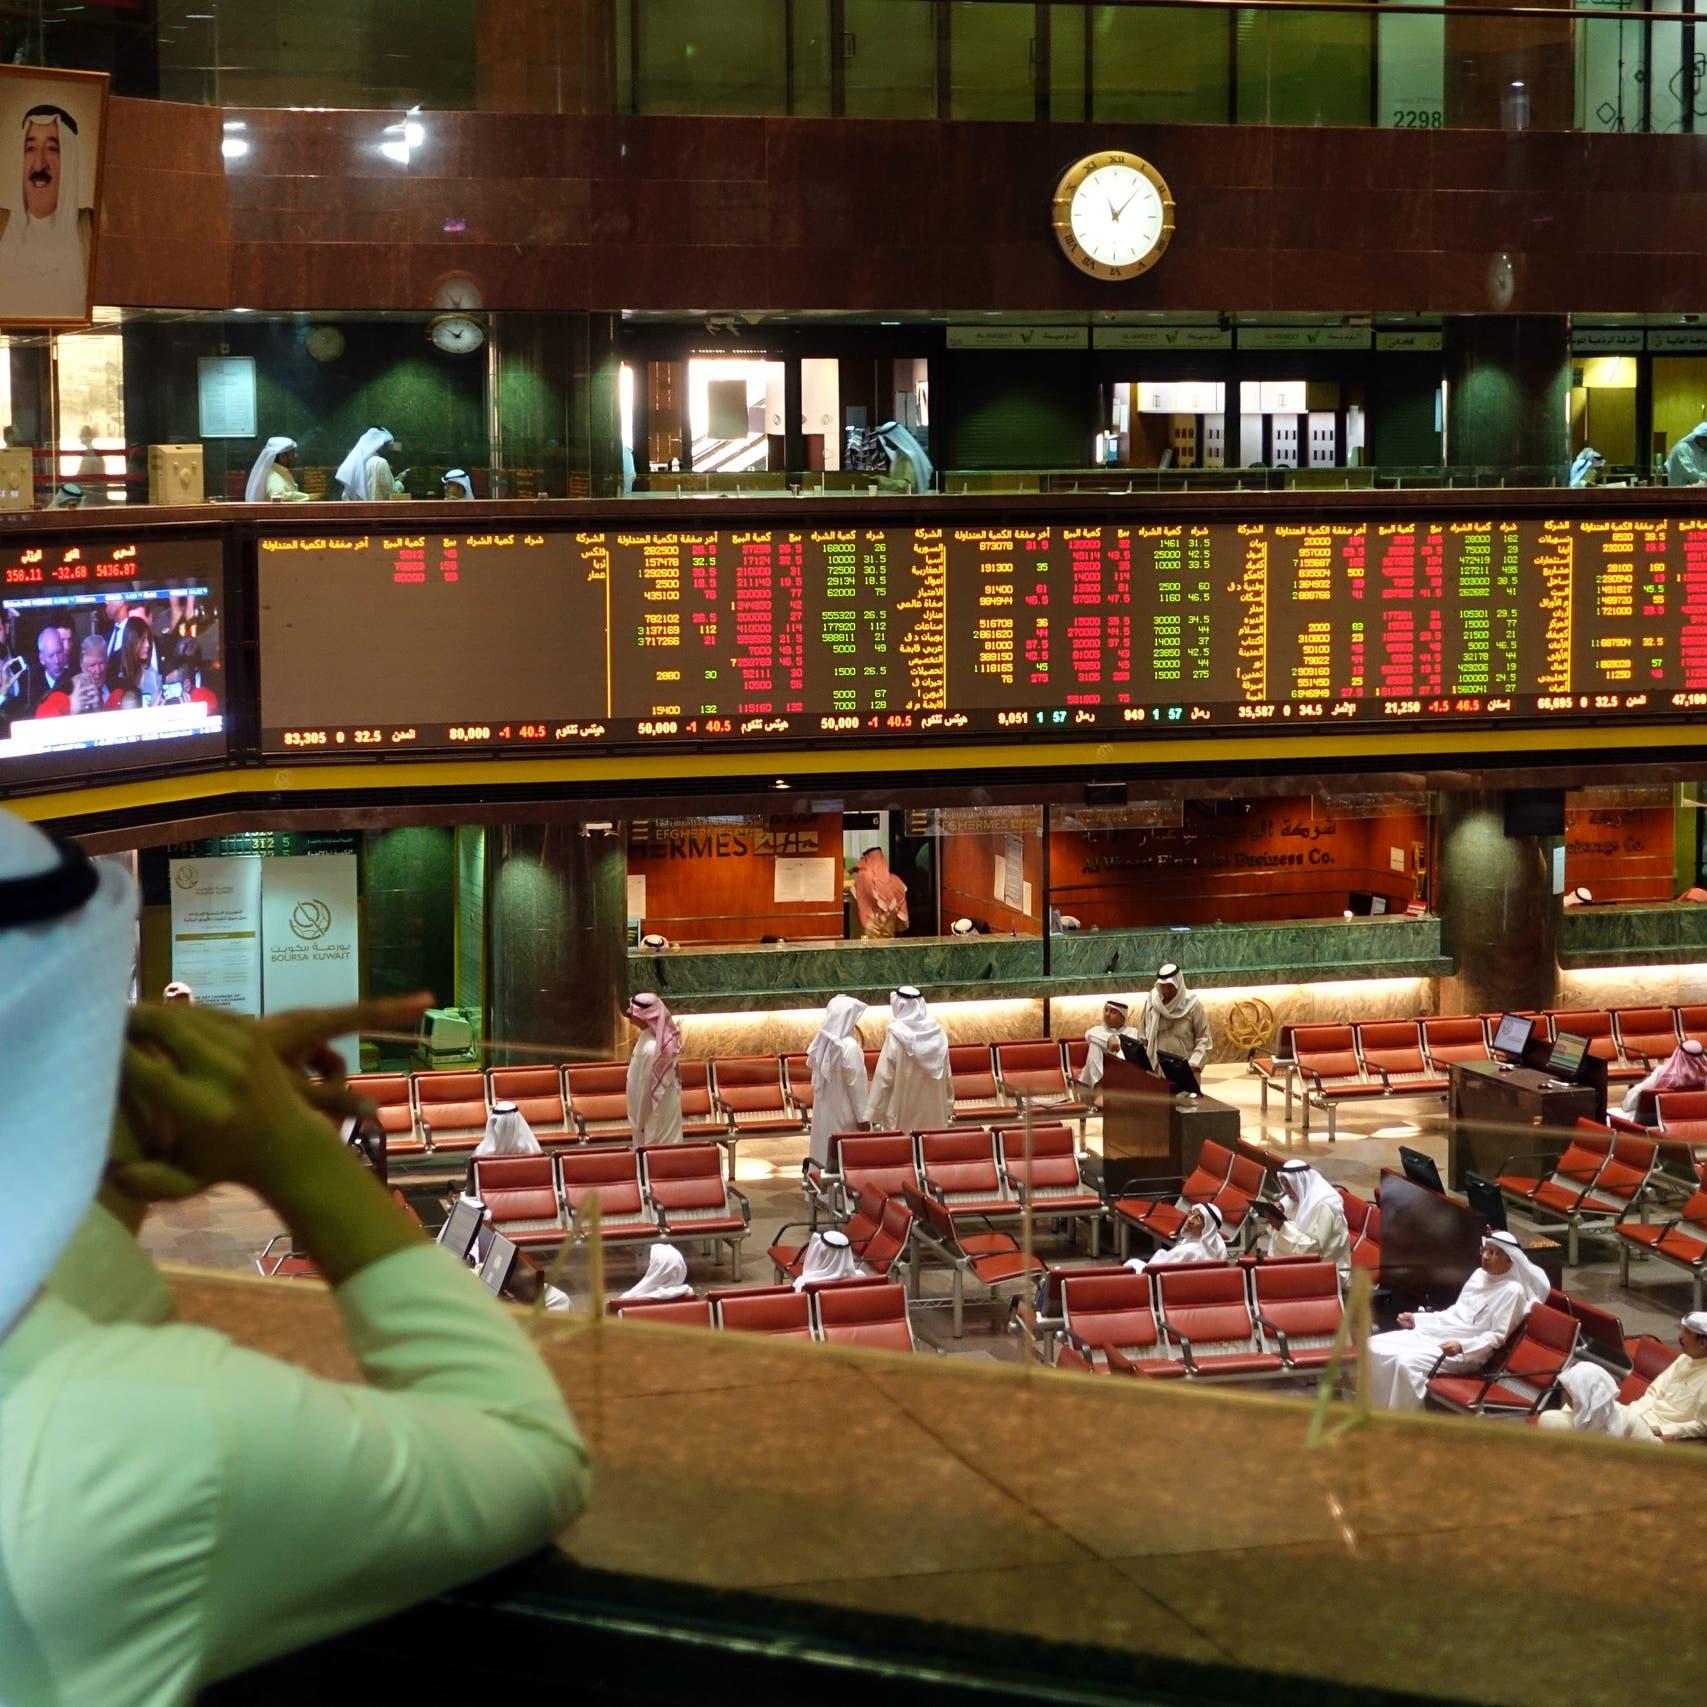 أسهم الإمارات الأكثر ارتفاعا في مايو.. والسوق السعودية تصعد 1.3%